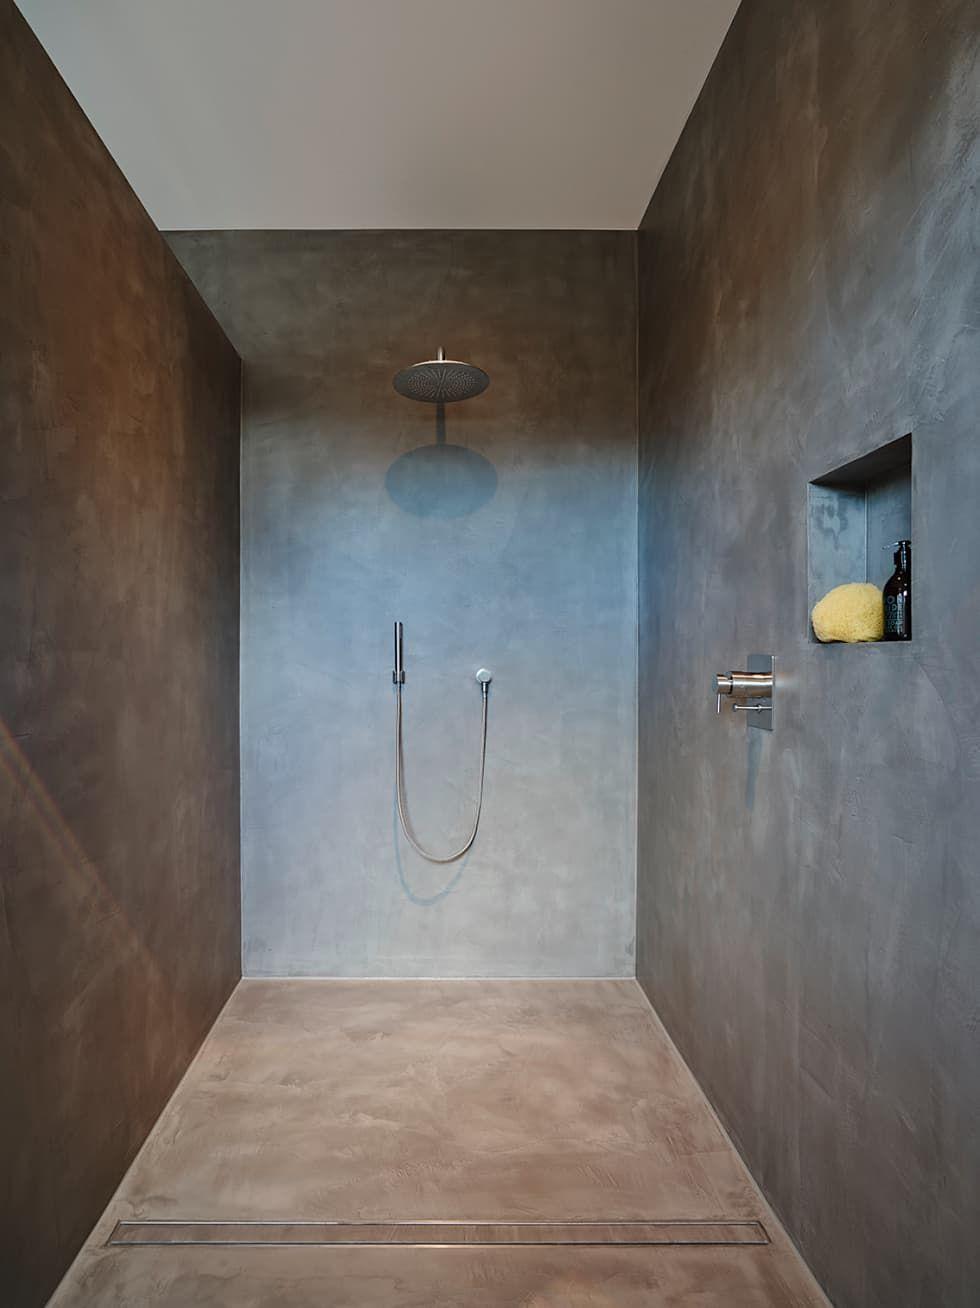 Penthouse Moderne Badezimmer Von Honeyandspice Innenarchitektur Design Modern Kleines Bad Dekorieren Badezimmer Innenausstattung Badezimmer Design